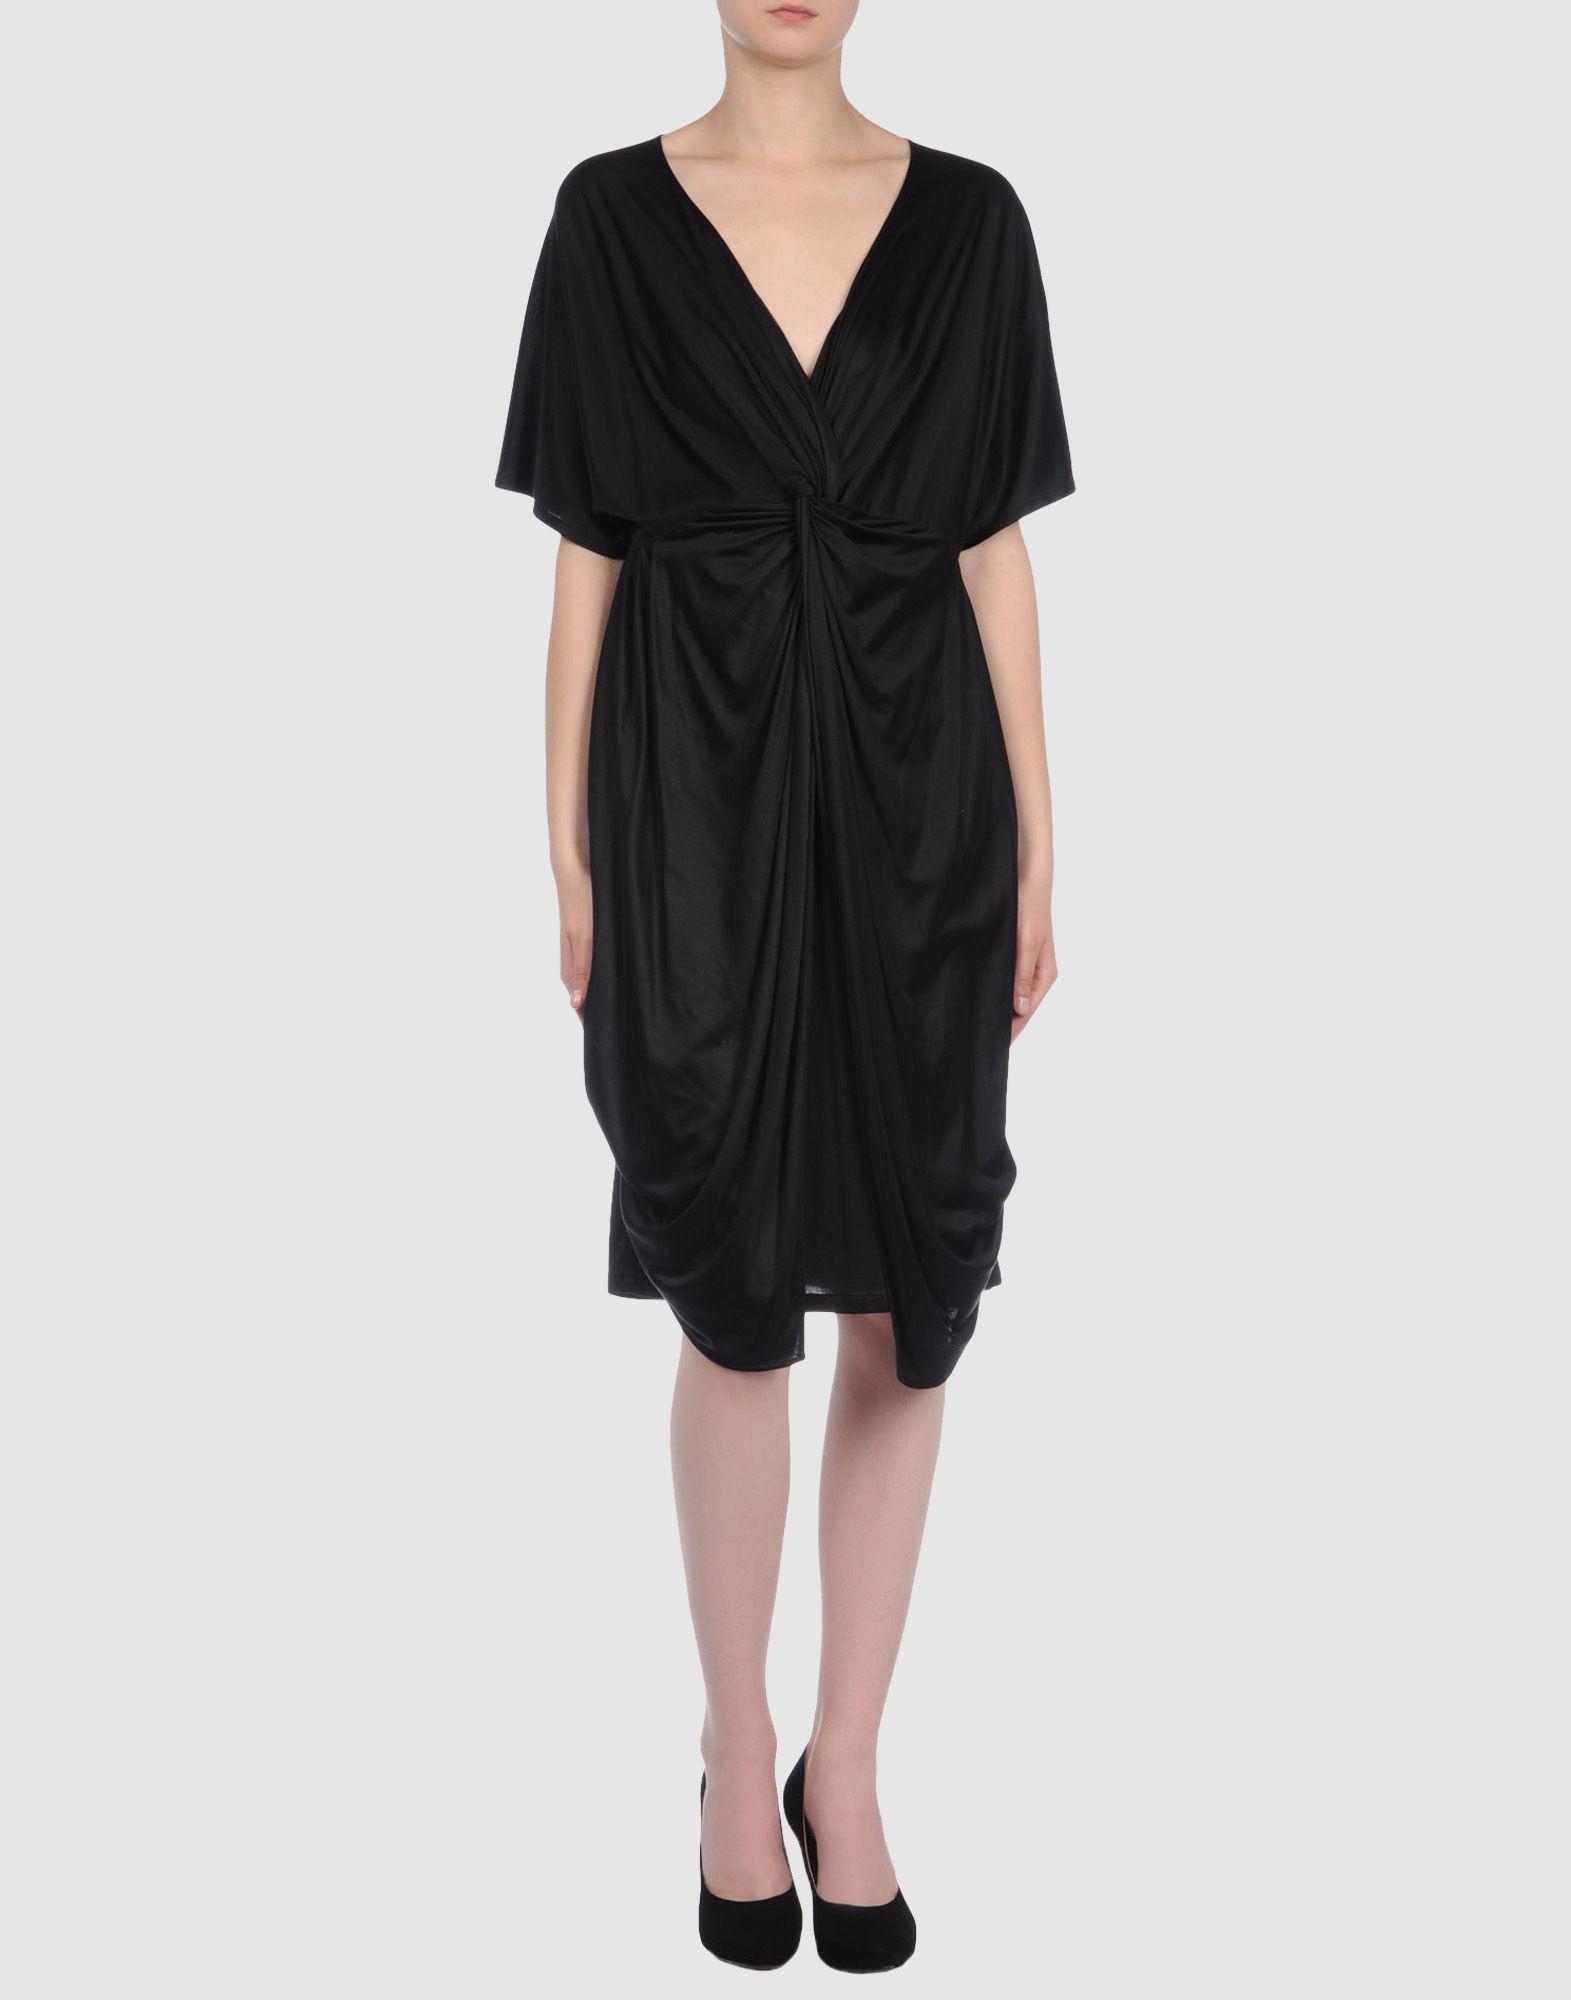 34220383IX 14 f - Βραδυνα Φορεματα Yves Saint Laurent Rive Gauche Κωδ.30